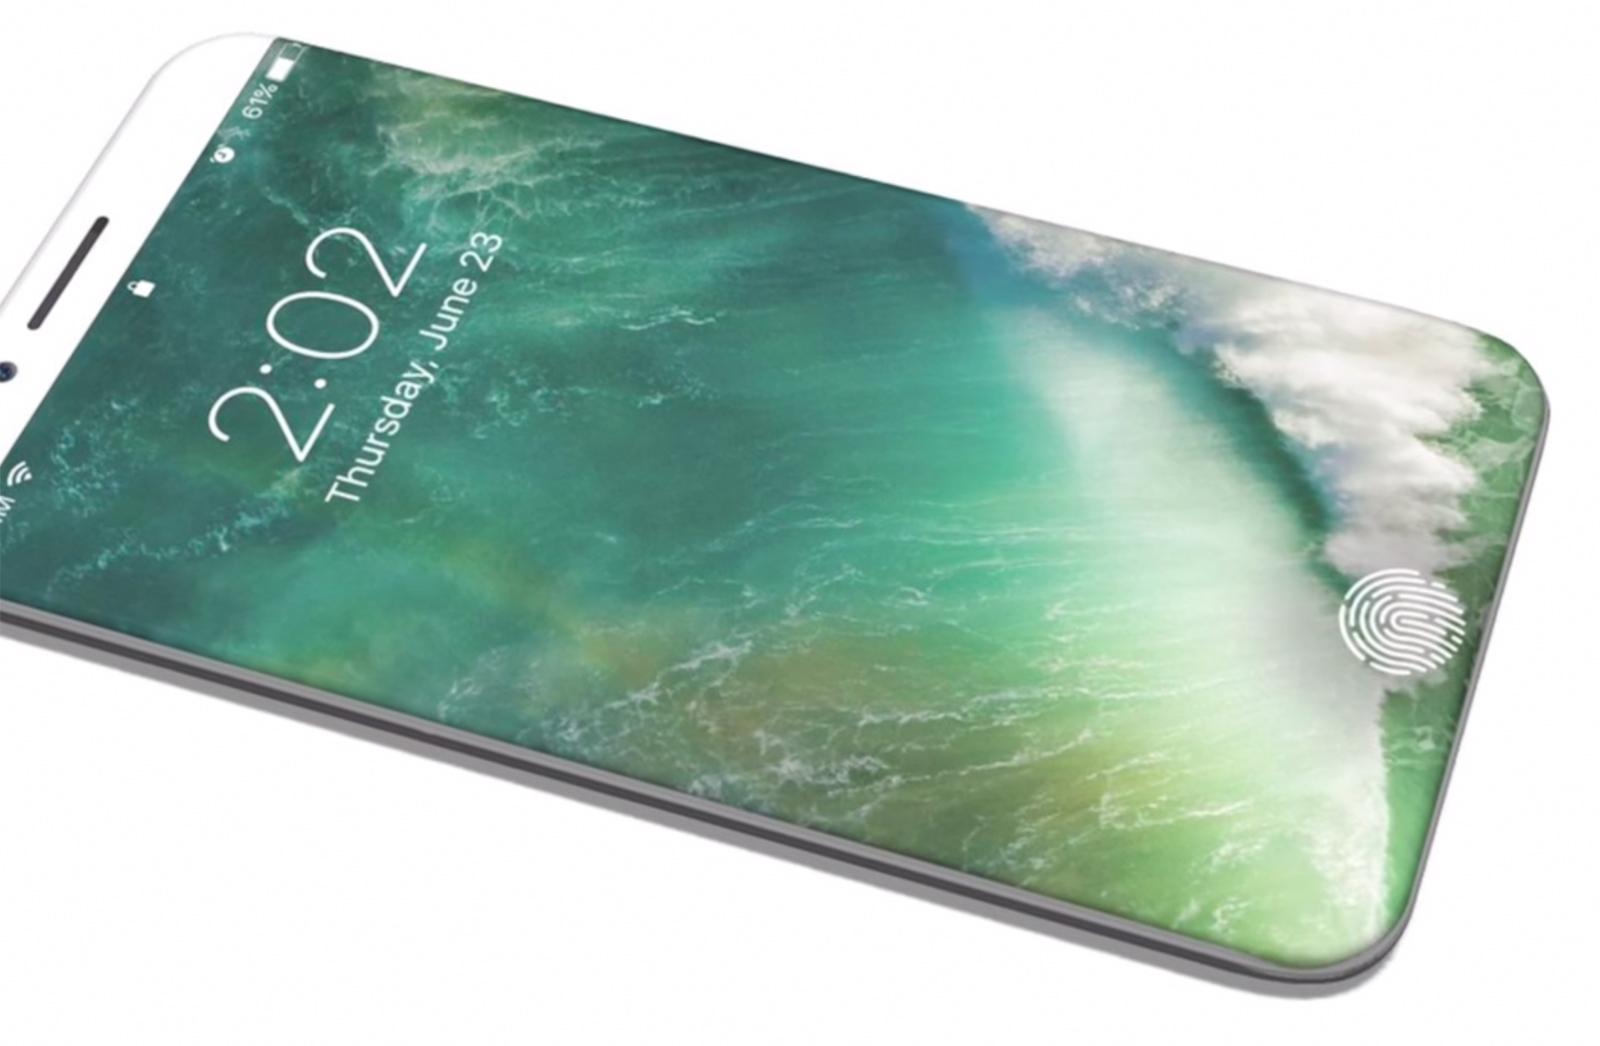 Concepto de diseño iPhone 8 con bordes de pantalla doblados, todo pantalla